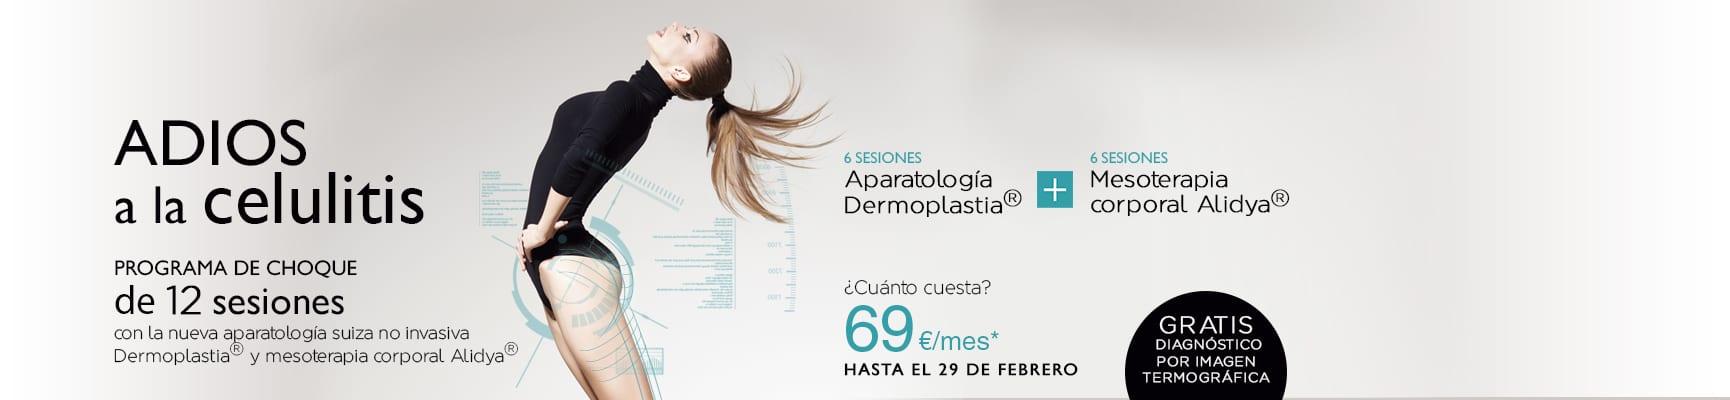 Adios celulitis Dermoplastia y Alidya021 Frontpage